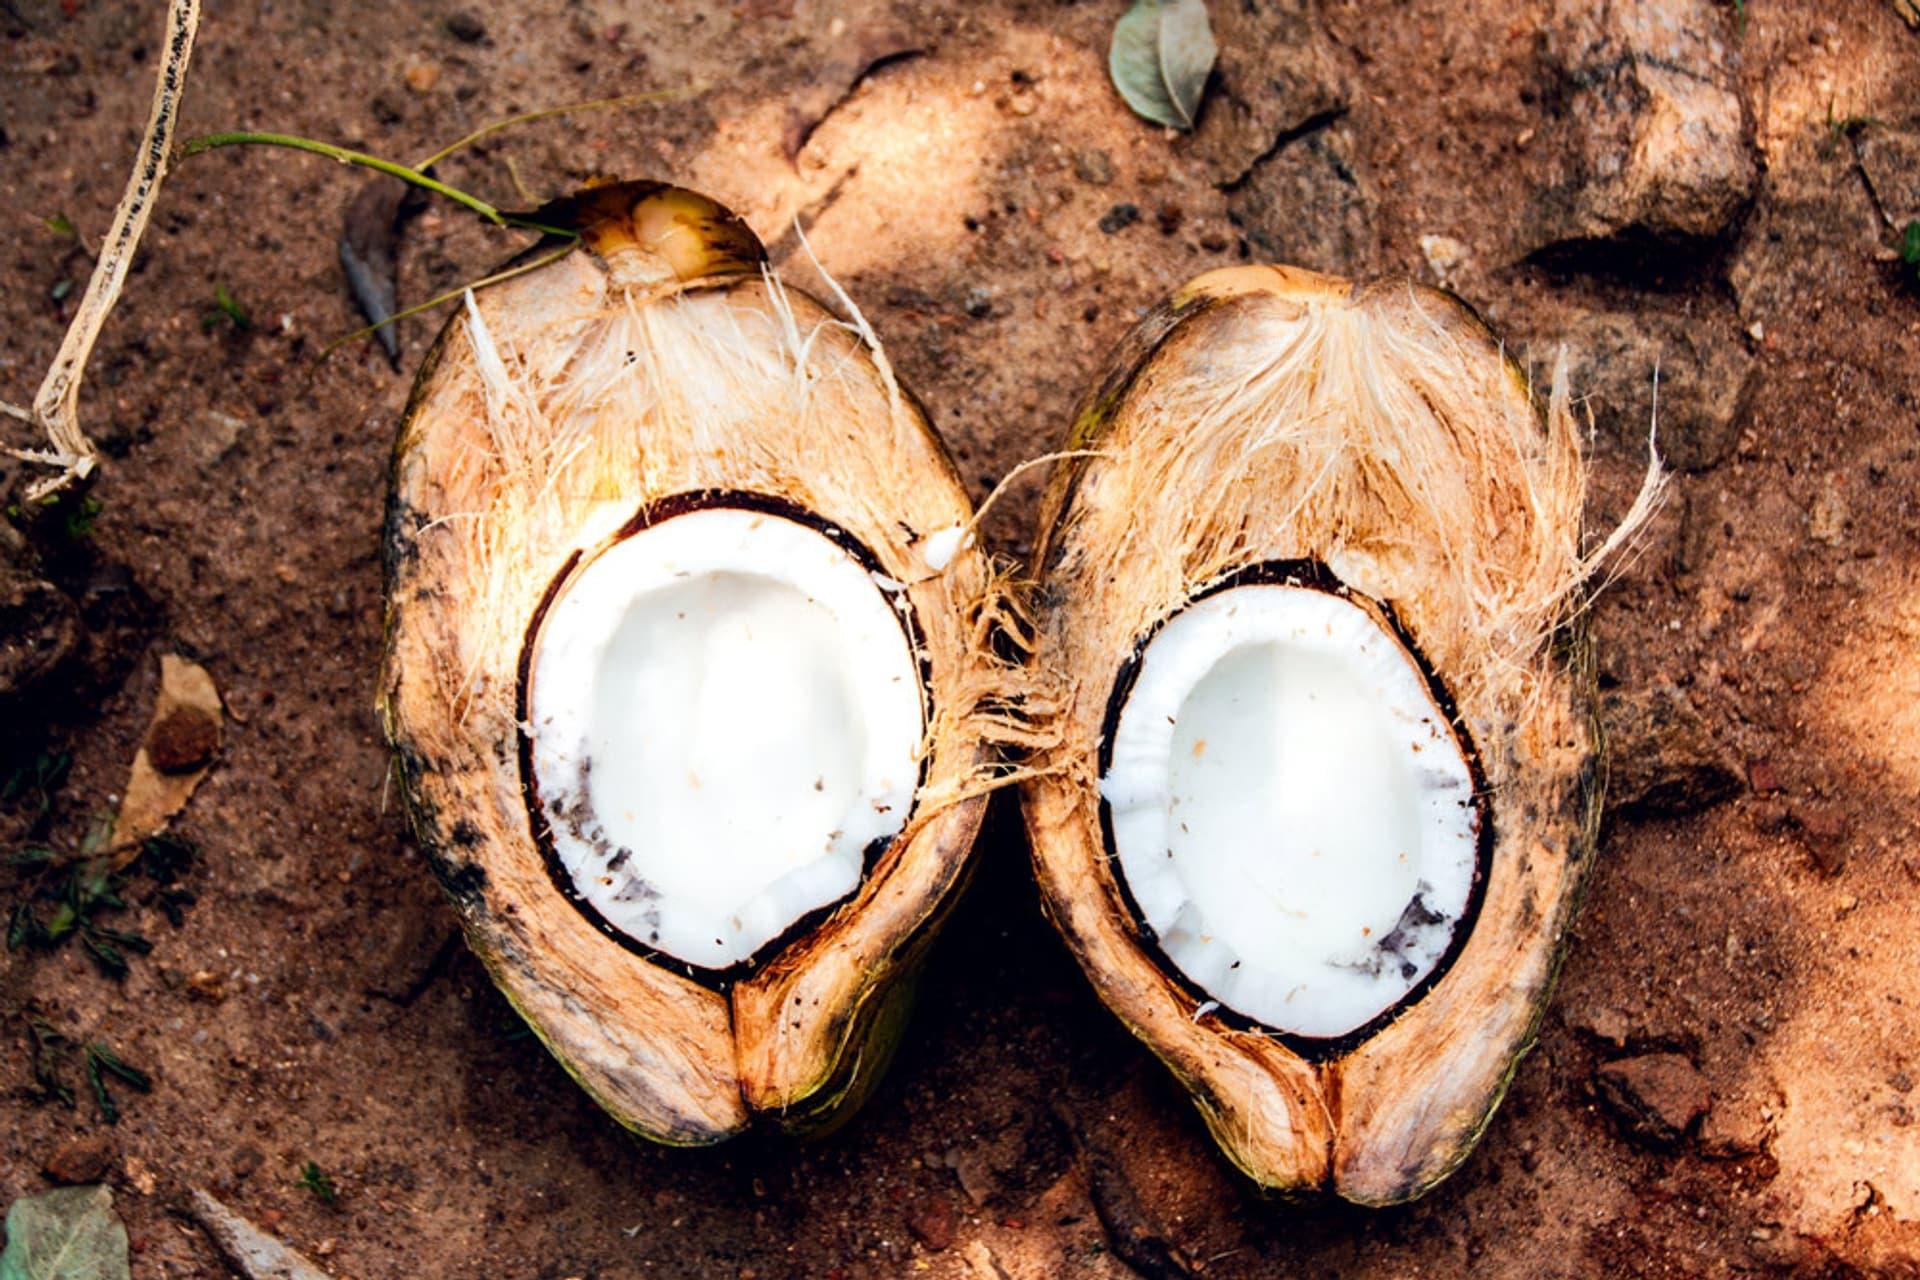 Geöffnete Kokosnuss liegt in zwei Hälften auf braunem Sandboden, das weiße Fruchtfleisch ist zu sehen.